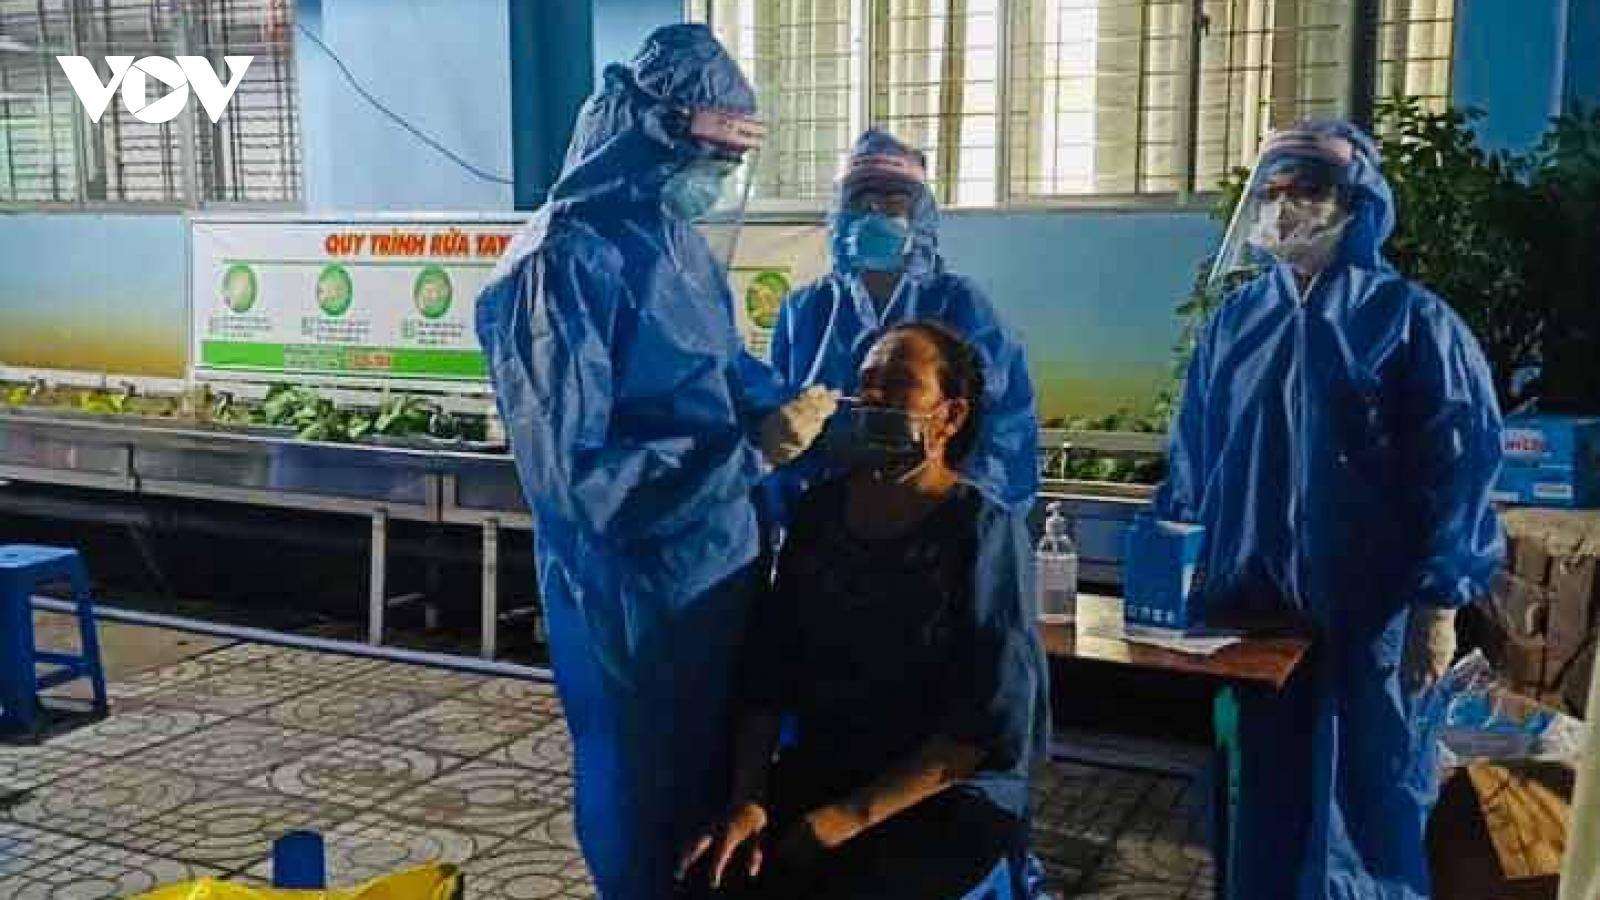 TP HCM ghi nhận thêm 10 ca nghi nhiễm mới, có 3 hội viên Hội thánh truyền giáo Phục Hưng